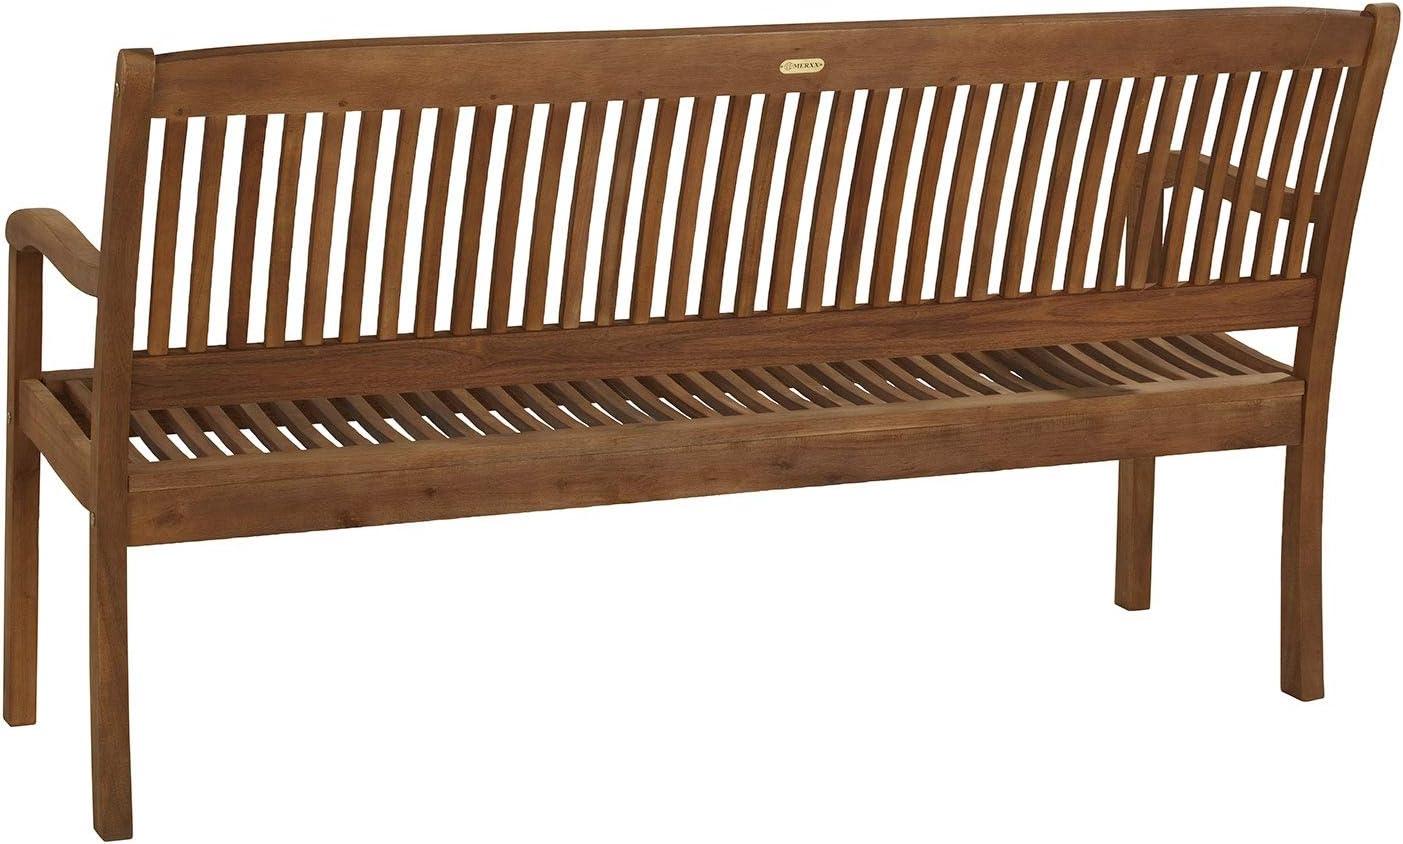 Akazienholz 3-Sitzer Gartenbank Sitzbank Holzbank SOUTA 2 Braun BxHxT: 157 x 91 x 63,5 cm